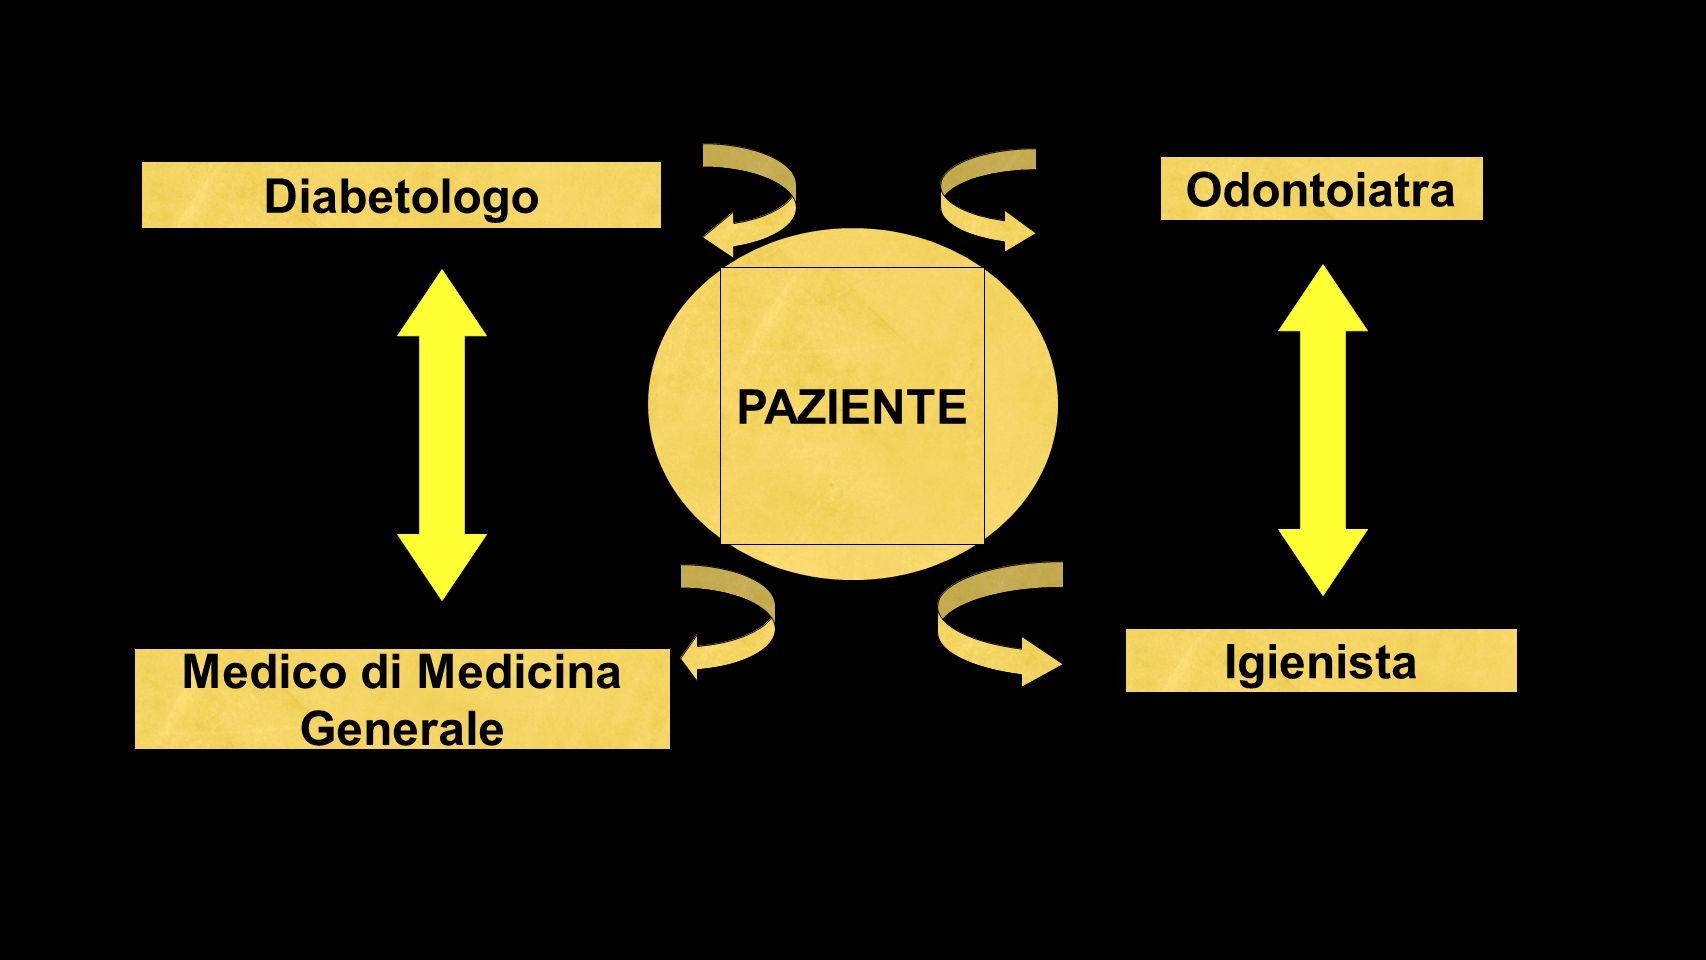 Medico di Medicina Generale PAZIENTE Igienista Odontoiatra Diabetologo